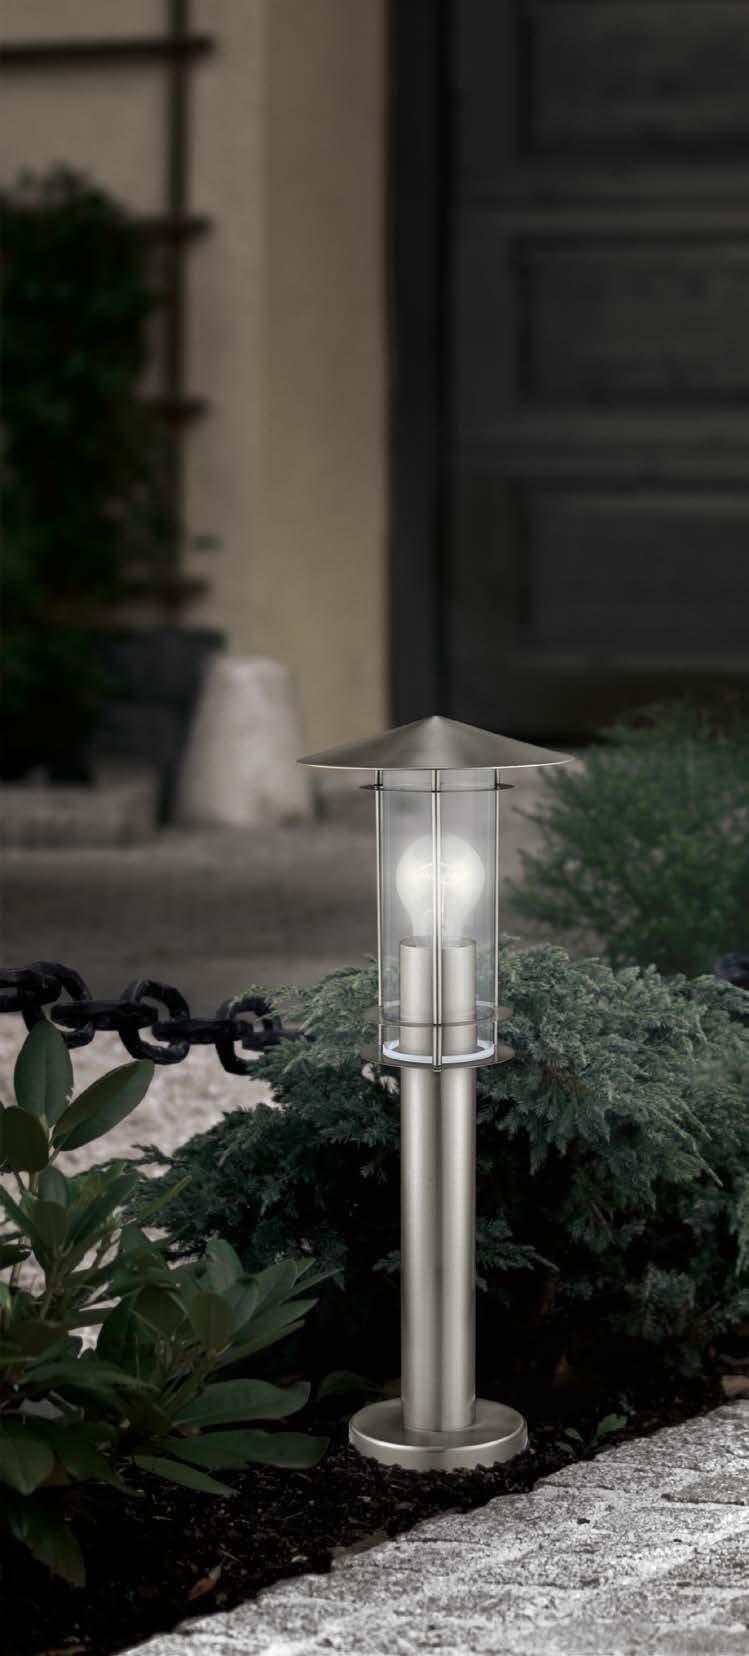 EGLO 30185 LISIO venkovní svítidlo nástěnné nejen ke schodům, na terasu